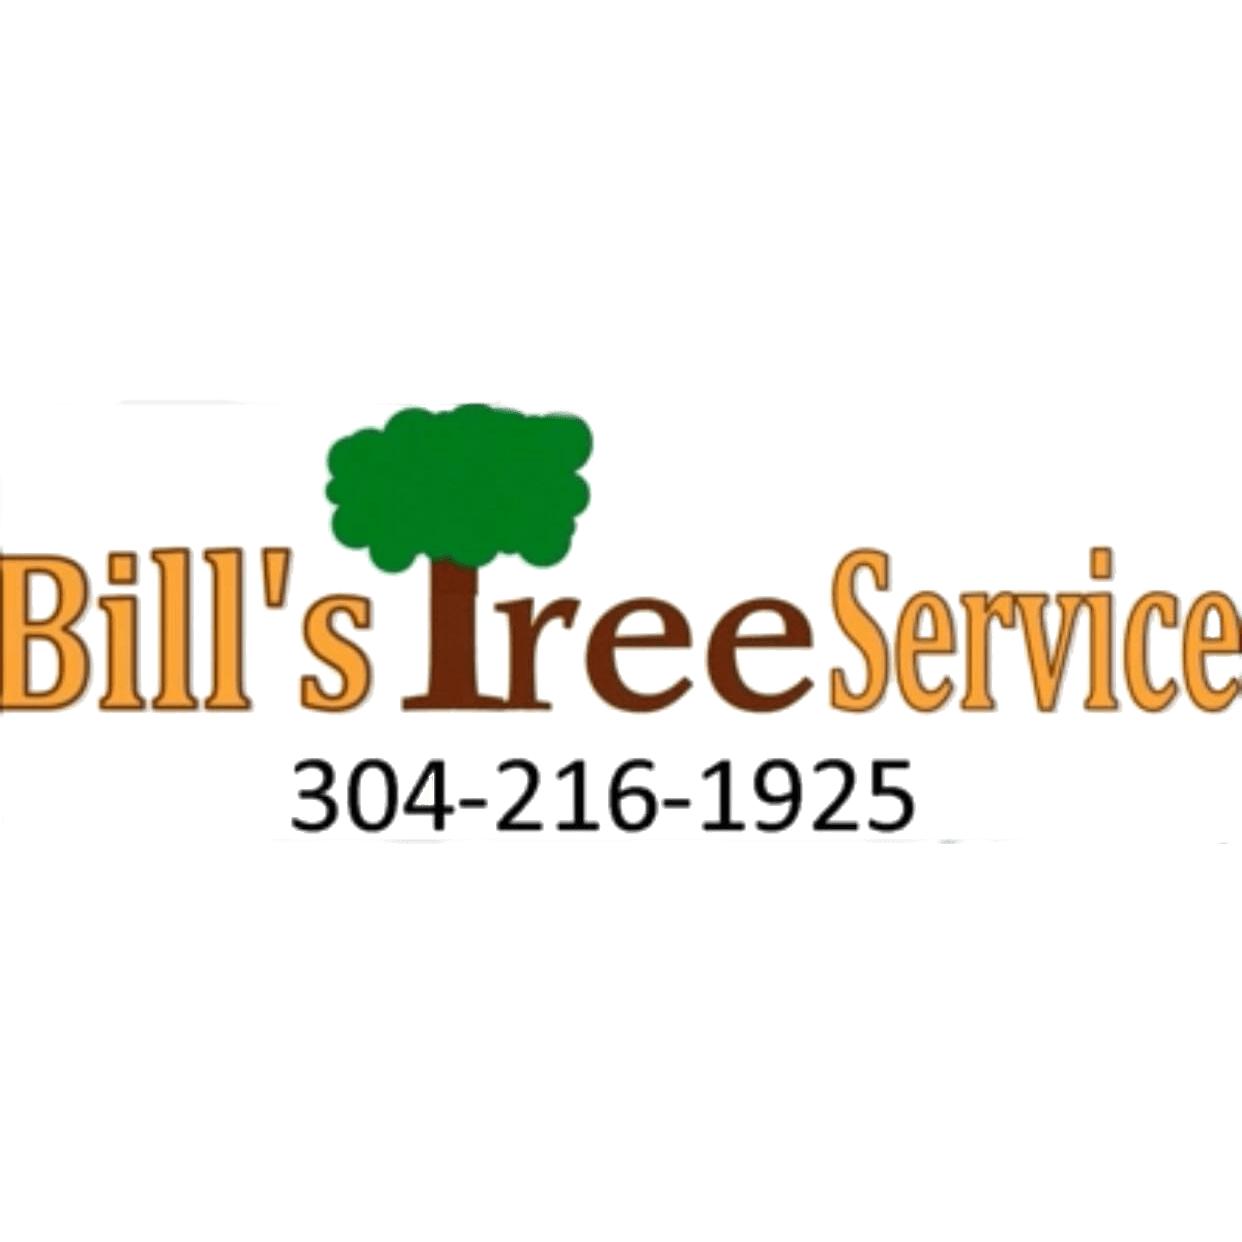 Bill's Tree Service